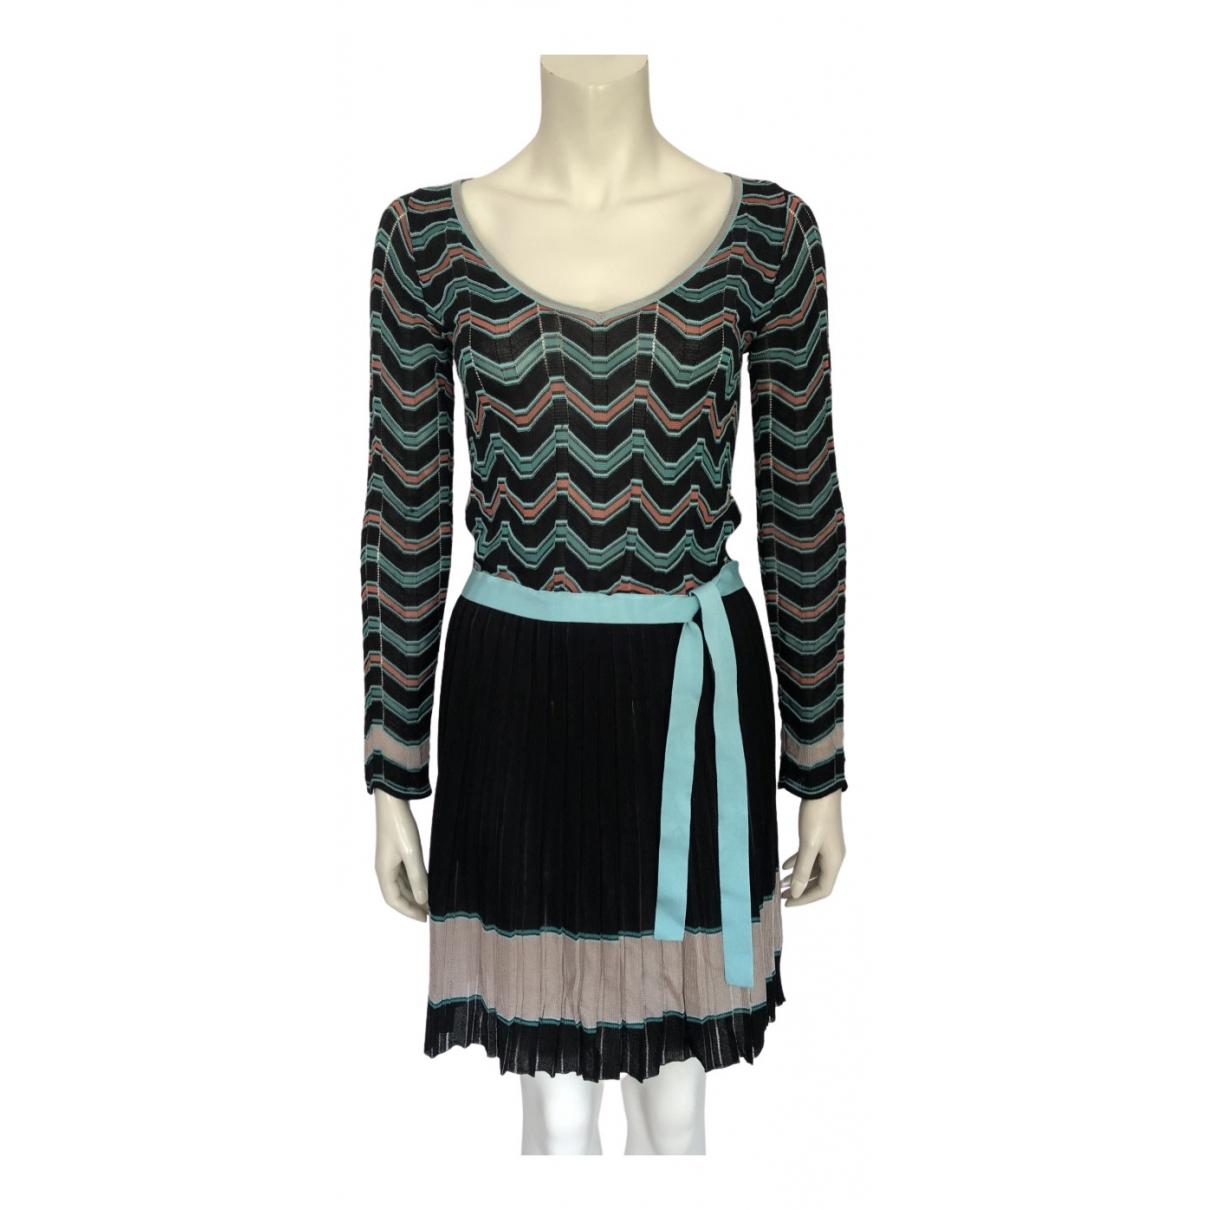 M Missoni \N Multicolour dress for Women 38 FR